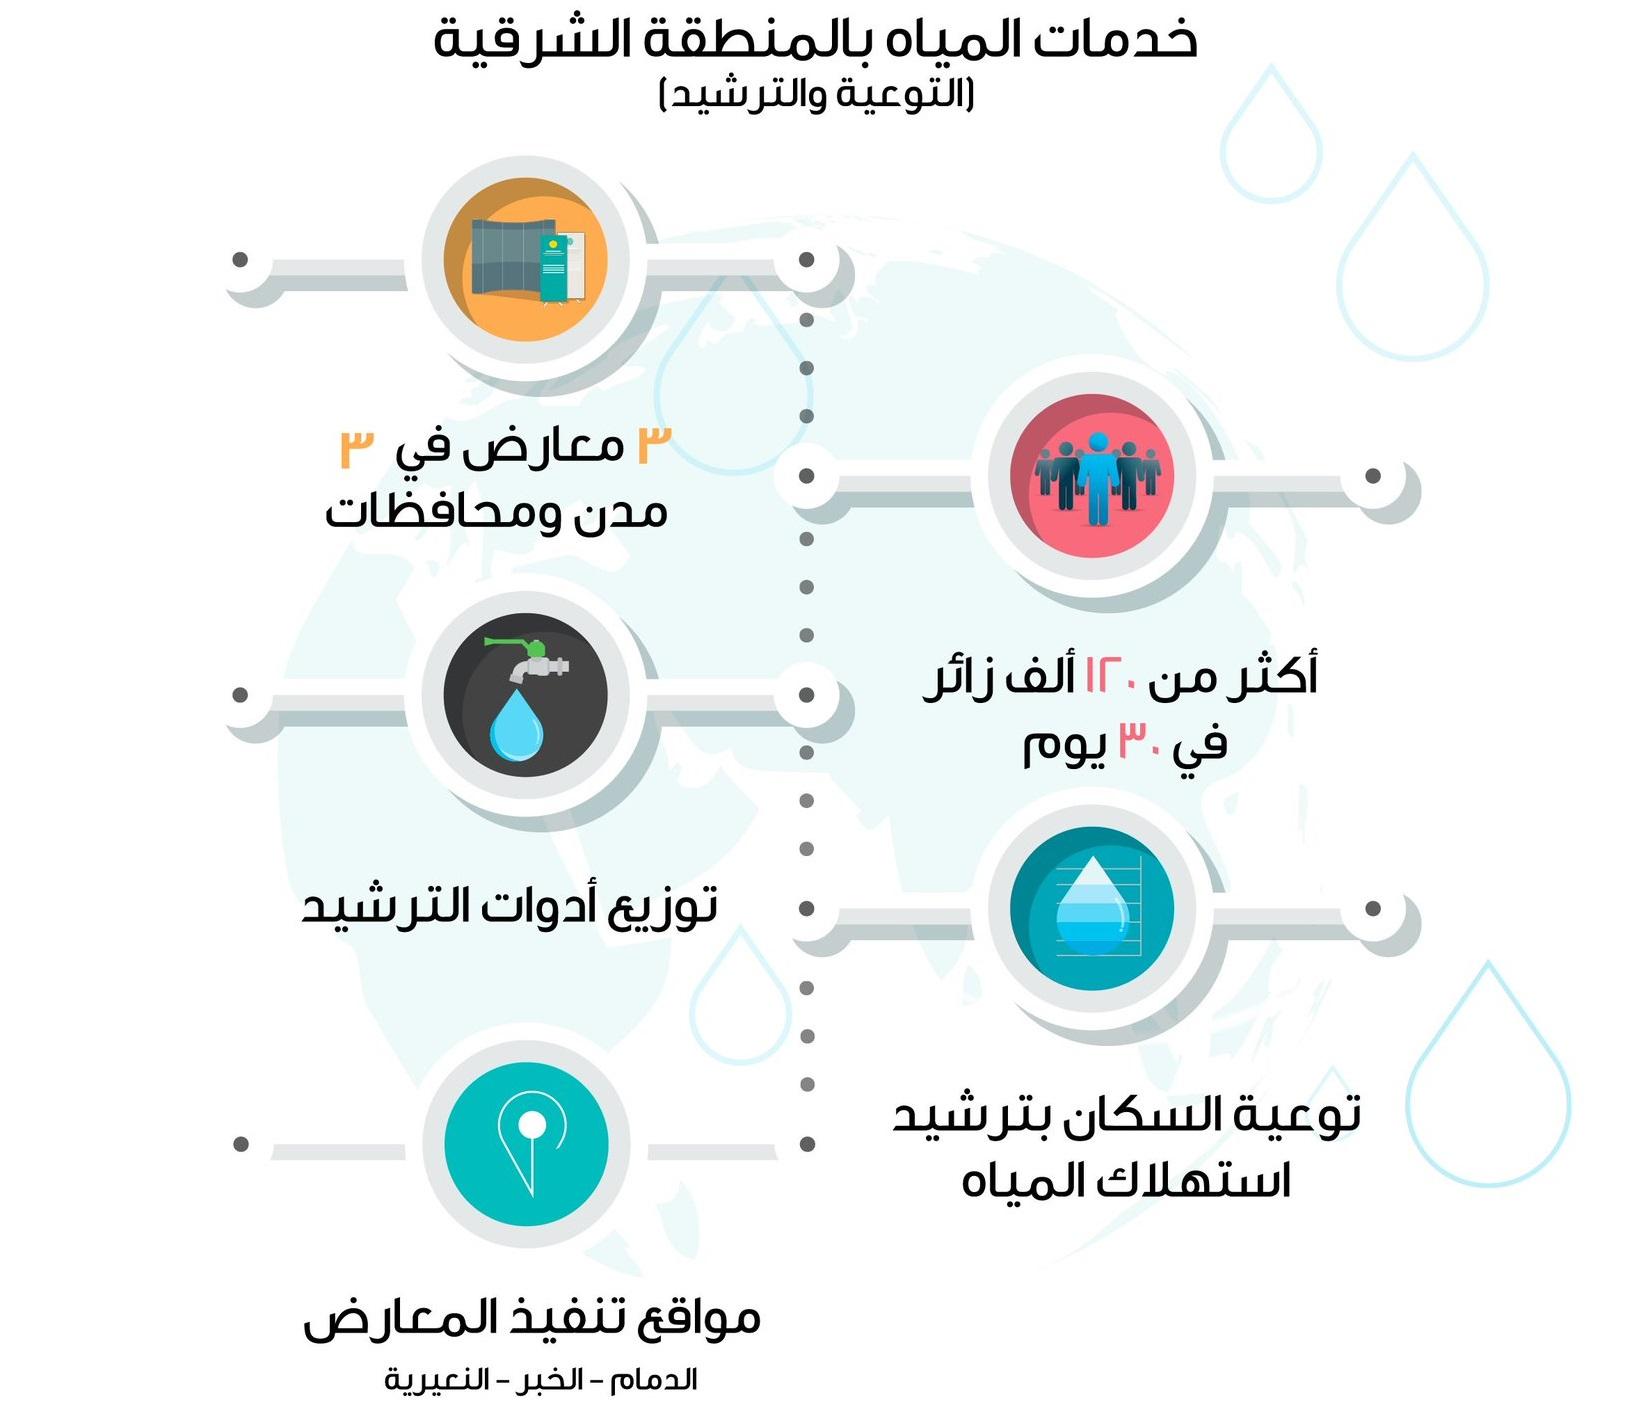 خدمات المياه بالمنطقة الشرقية